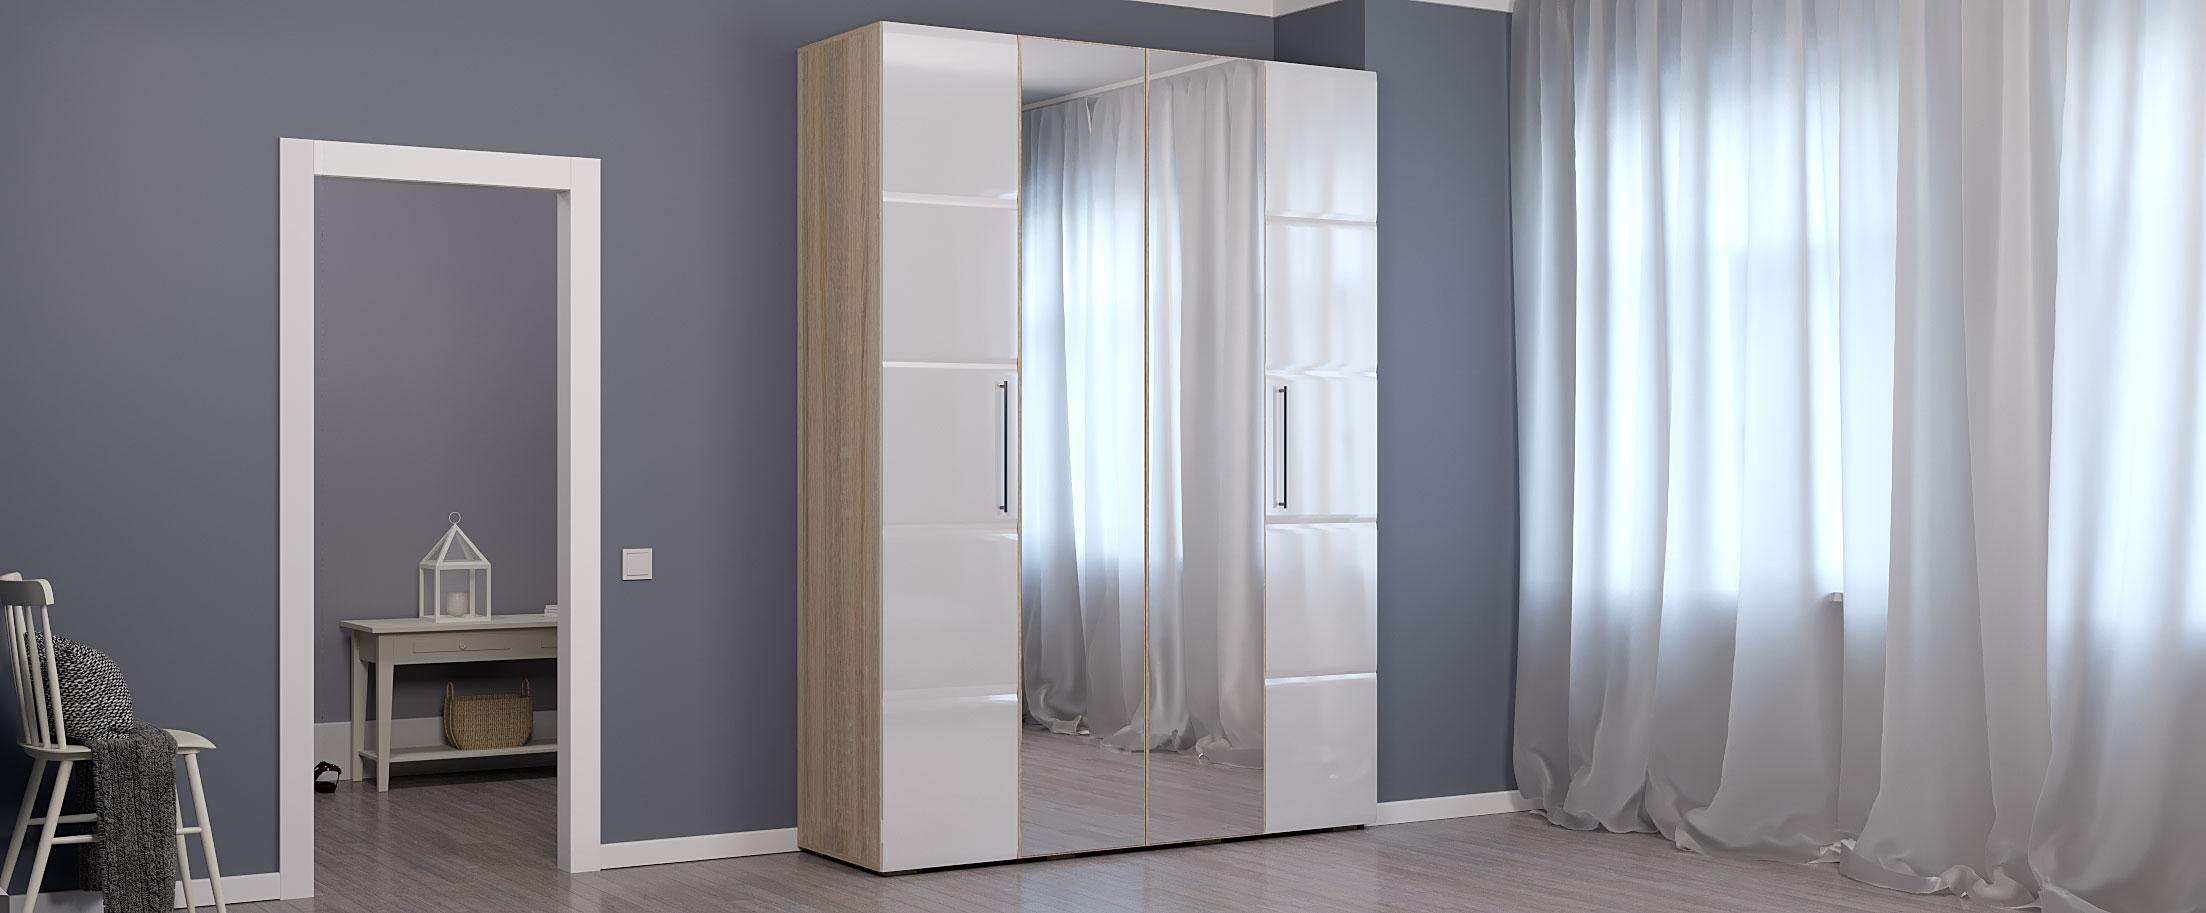 Шкаф для одежды 4-х дверный София Модель 512Шкаф для одежды 4-х дверный София Модель 512 артикул Ш000023<br>